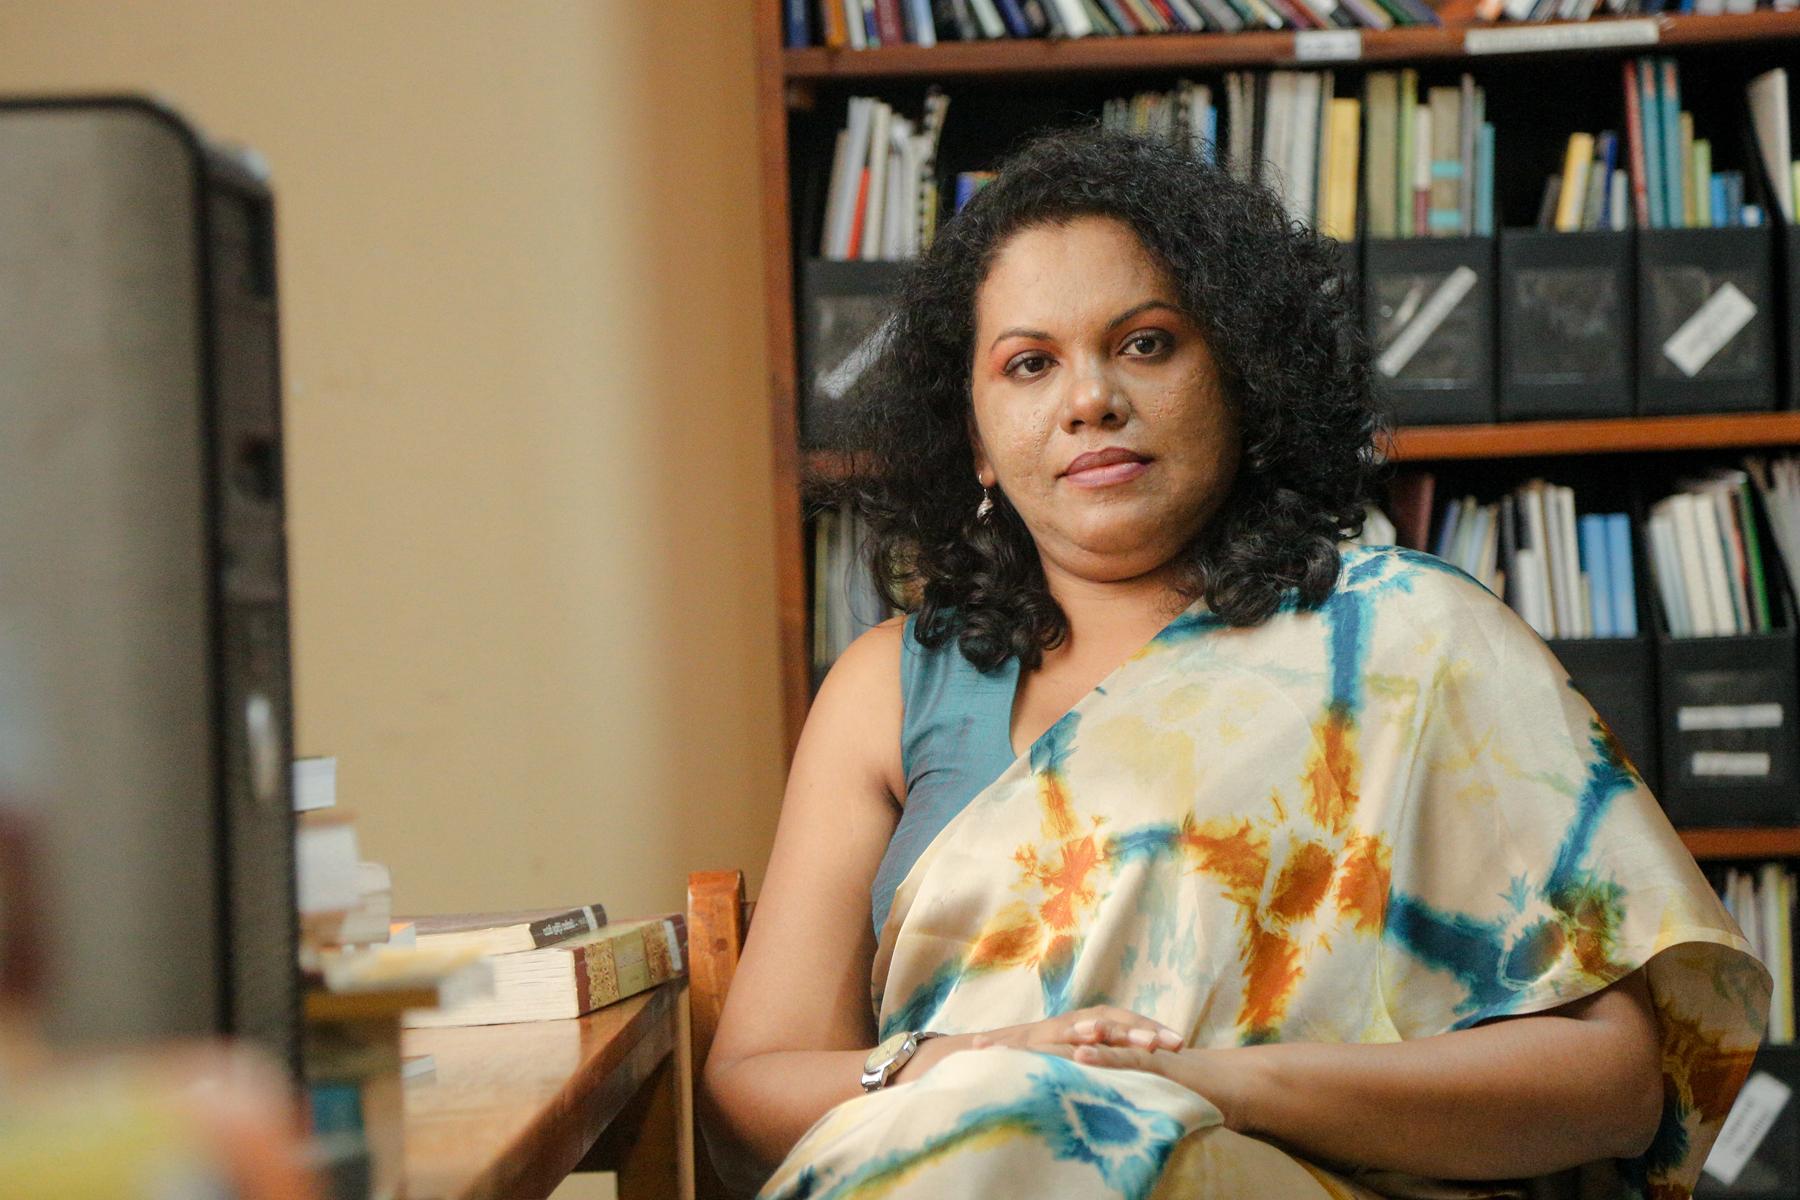 Dr. (Ms.) N.D. Kekulawala